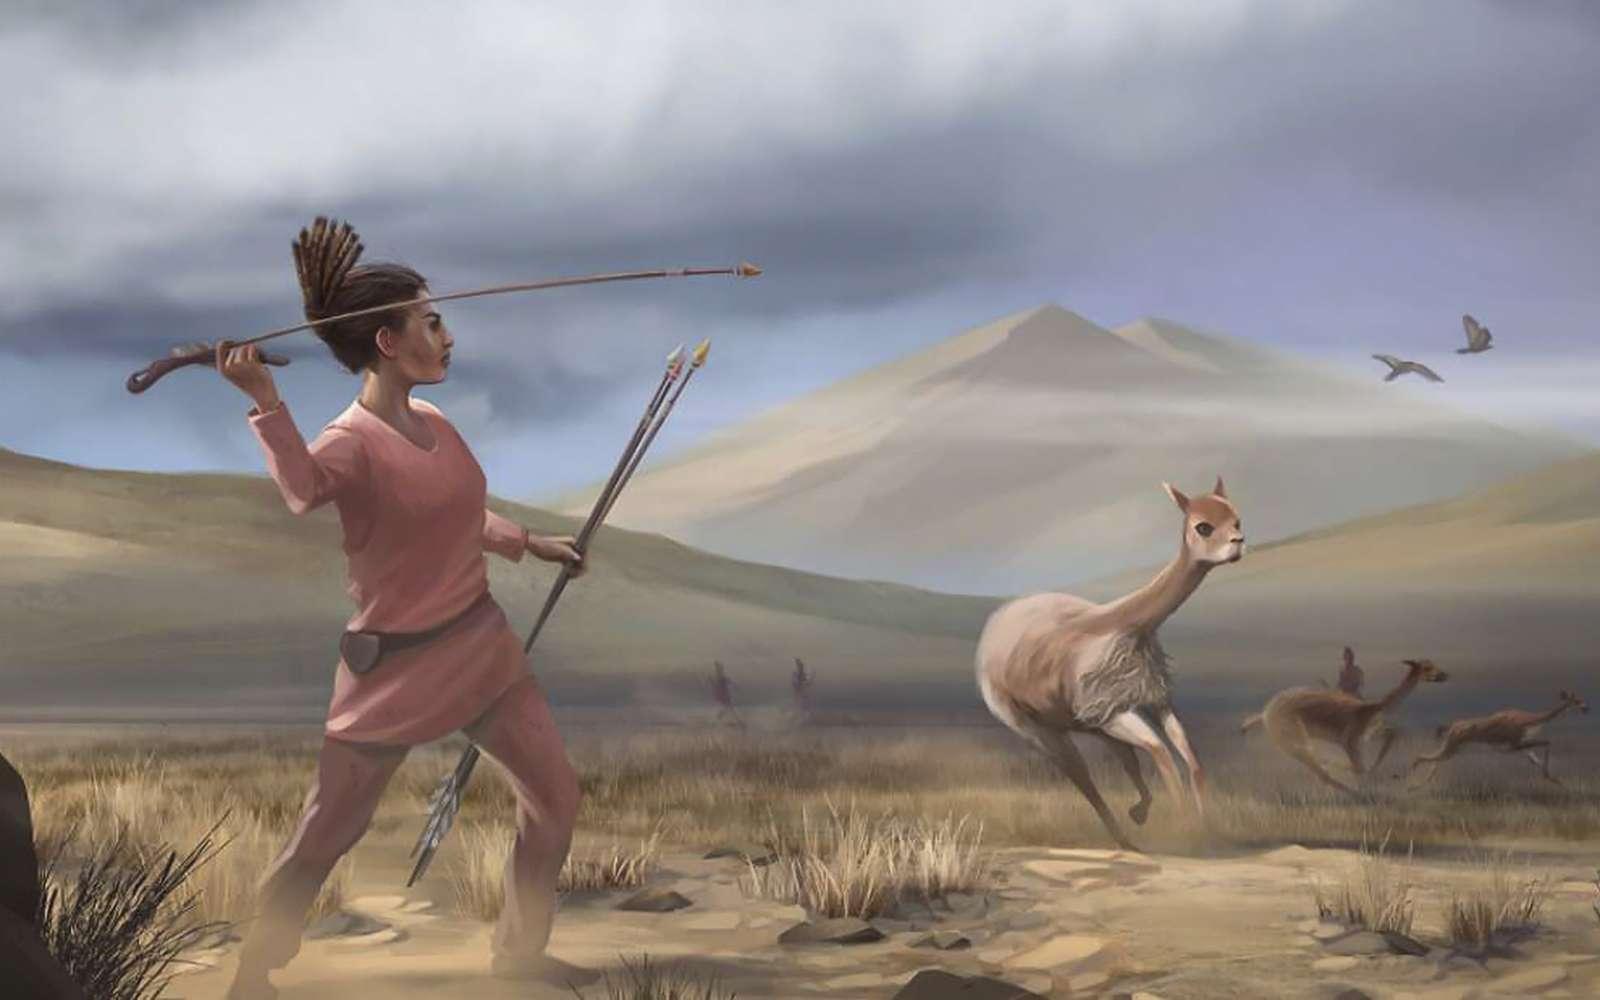 Vue d'artiste d'une jeune femme chassant il y a 9.000 ans, au Pérou. © Matthew Verdolivo, UC Davis IET Academic Technology Services